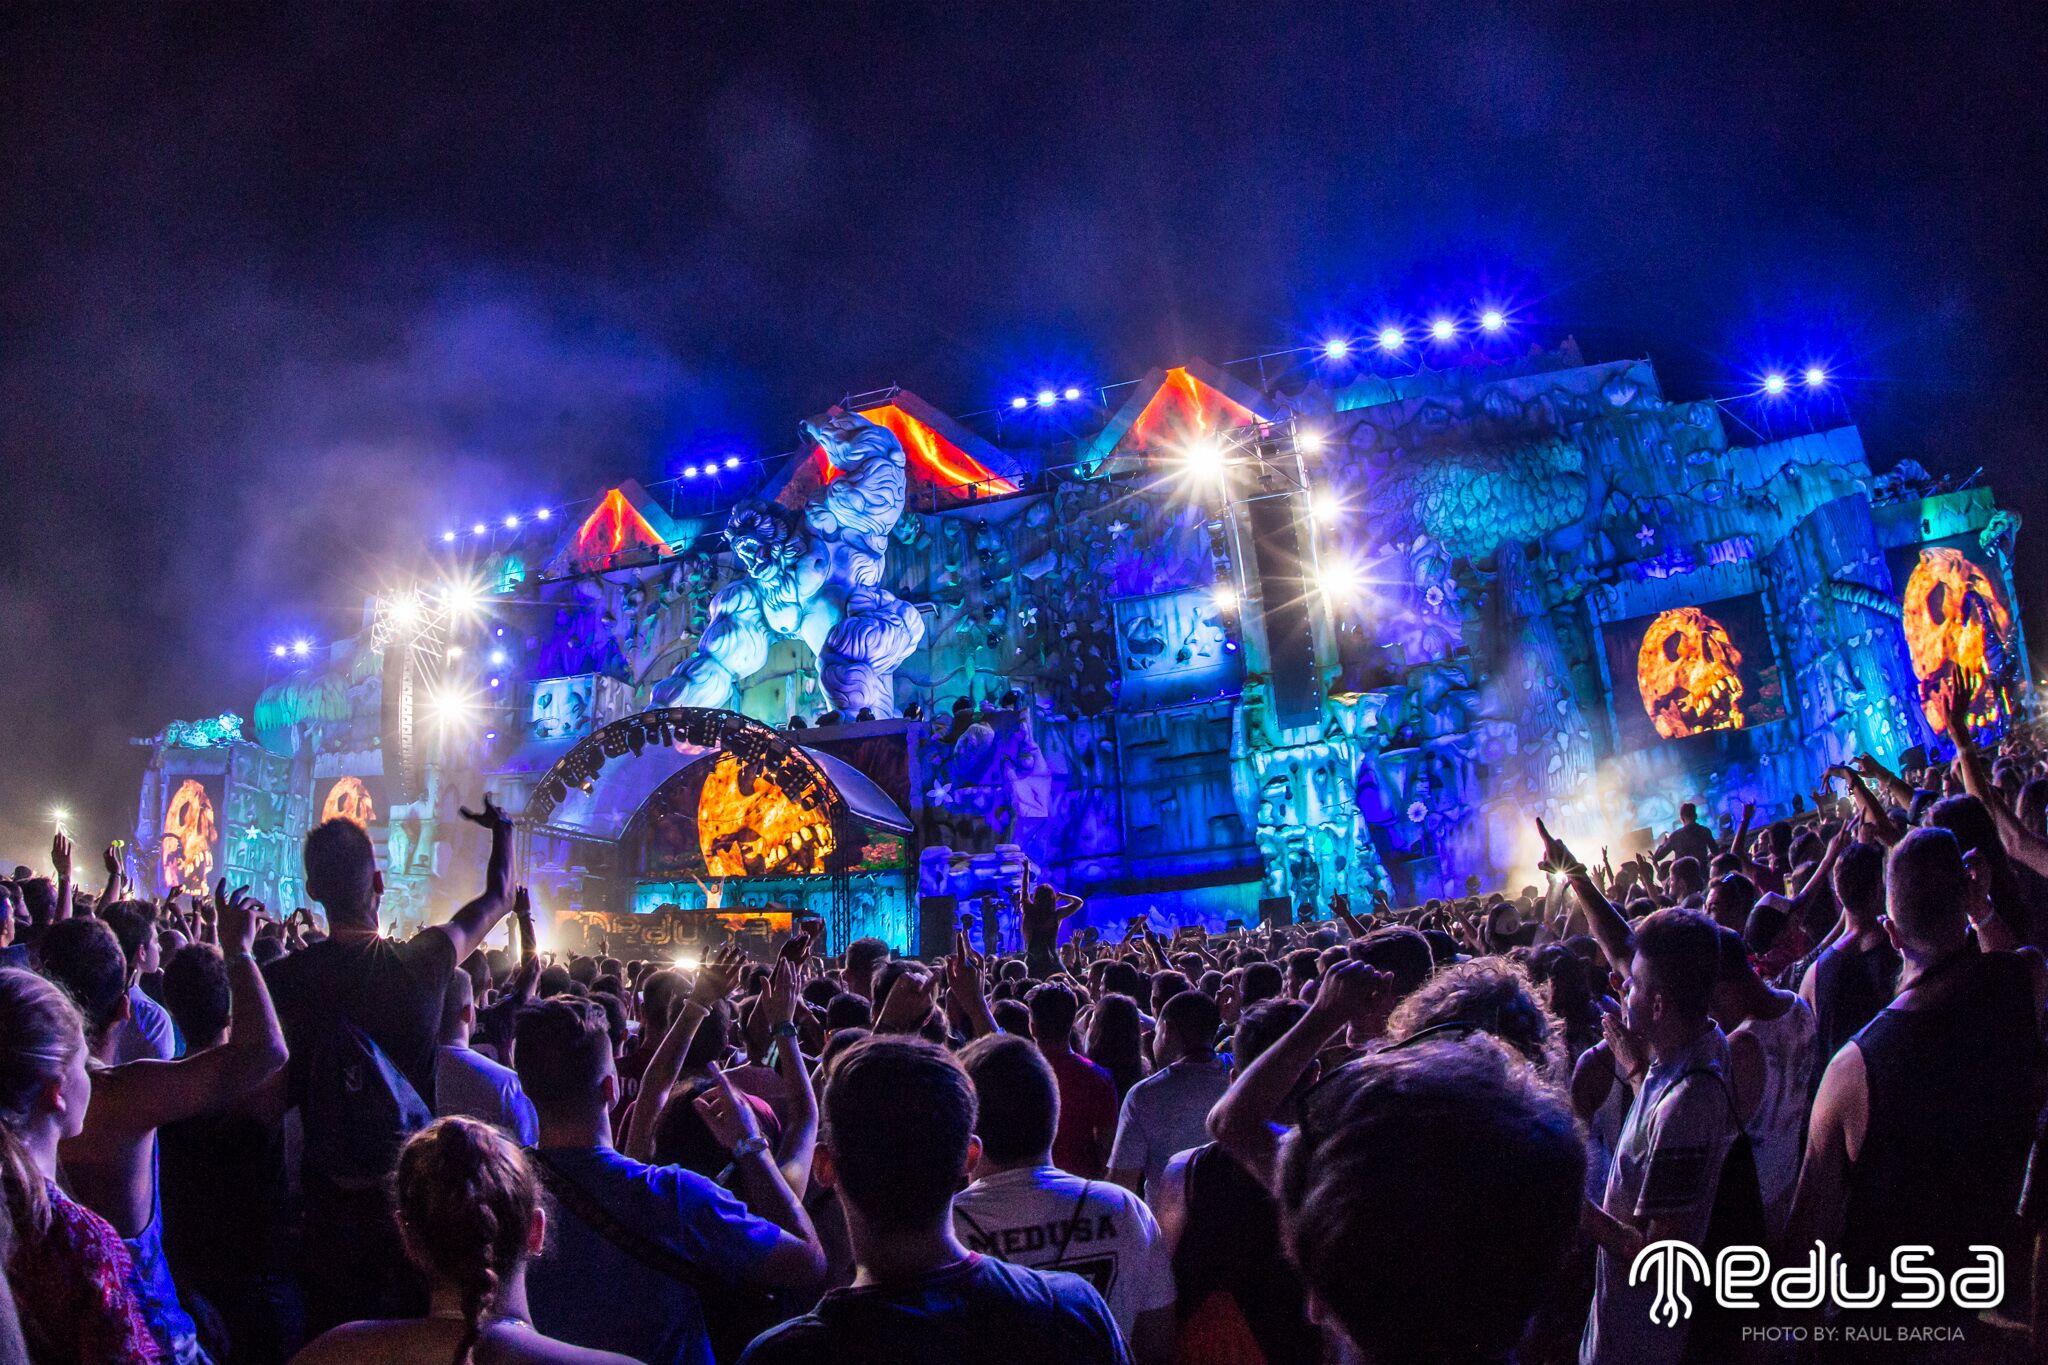 Medusa Festival 2017: crónica de su cuarta edición, la más multitudinaria